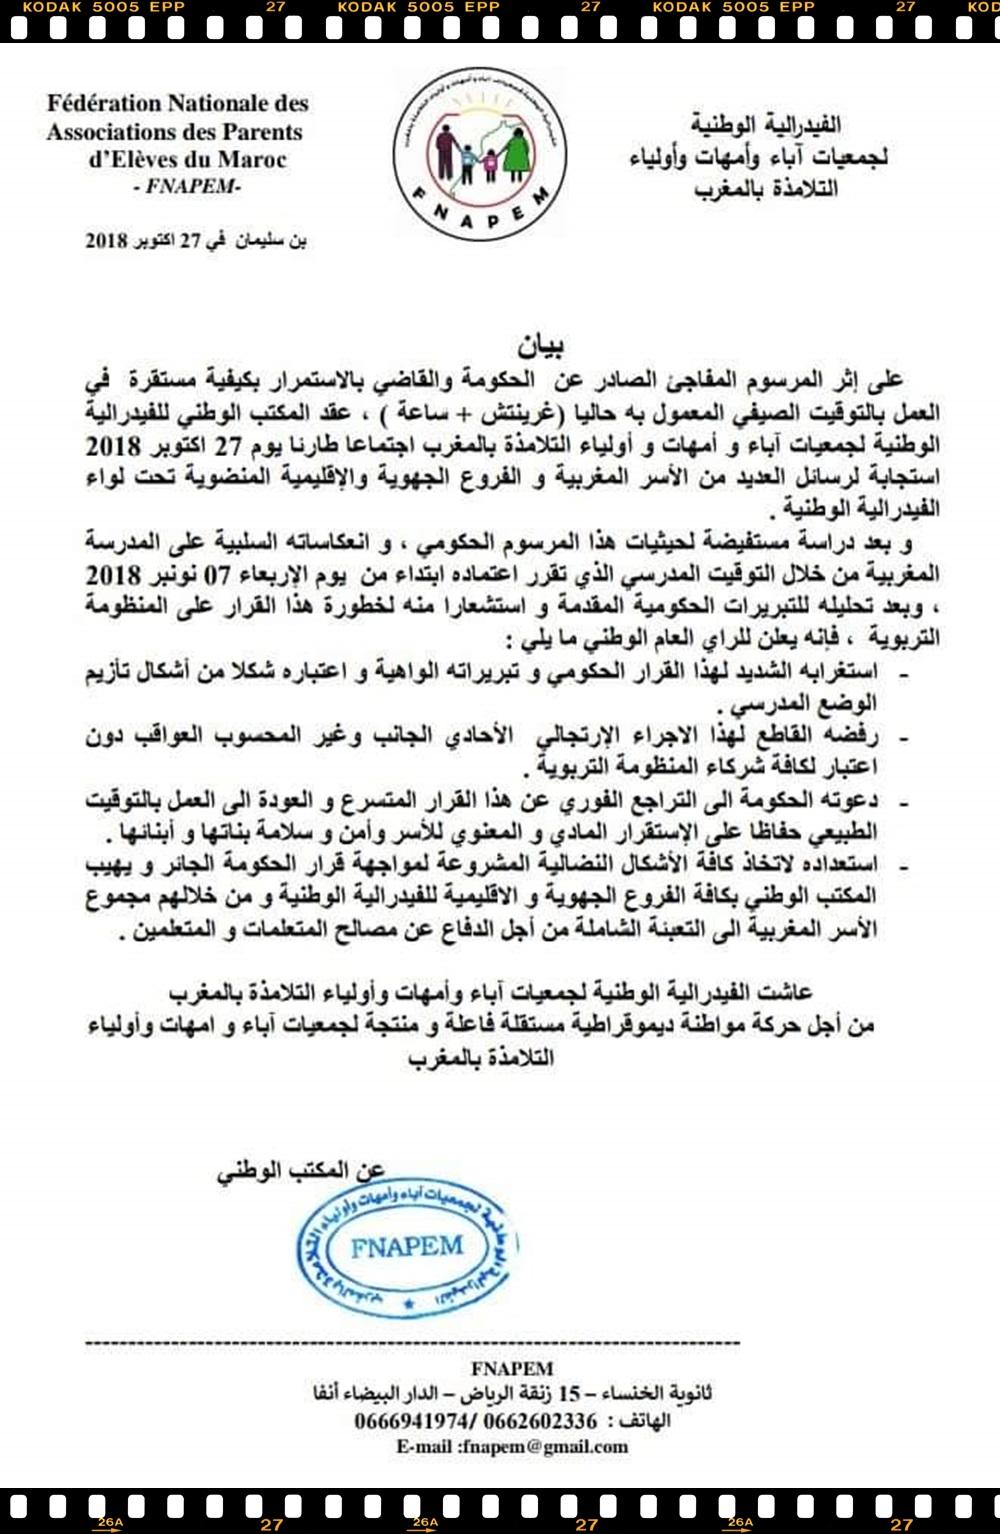 الفيدرالية الوطنية لجمعيات آباء و أمهات و أولياء التلاميذ بالمغرب تصدر بيانا في شأن الساعة المطبوخة